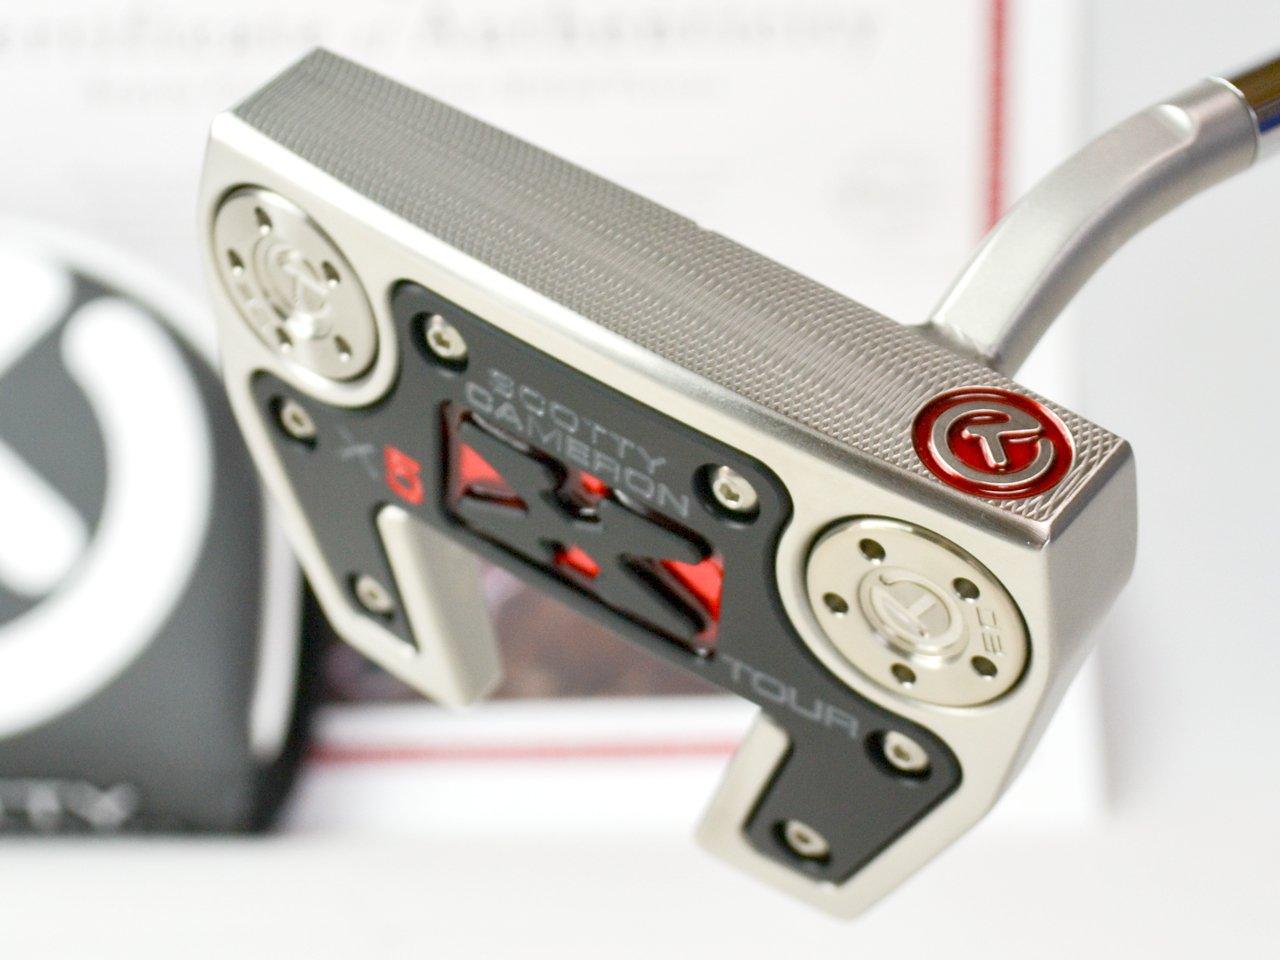 スコッティキャメロン ツアーパター FUTURA X5 SSS welded 2.5 neck PROTOTYPE